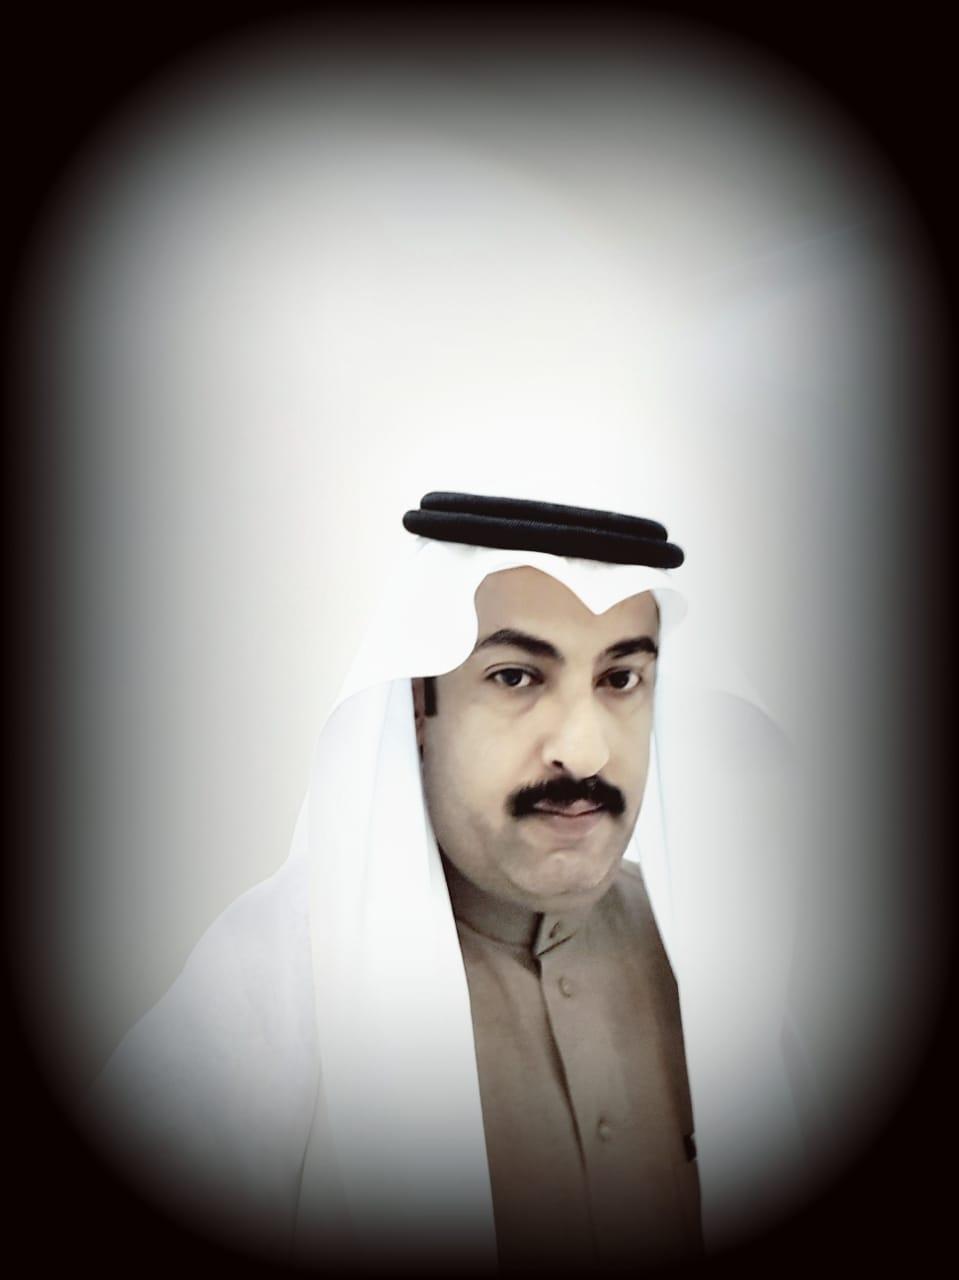 وداعًا أبا ناصر